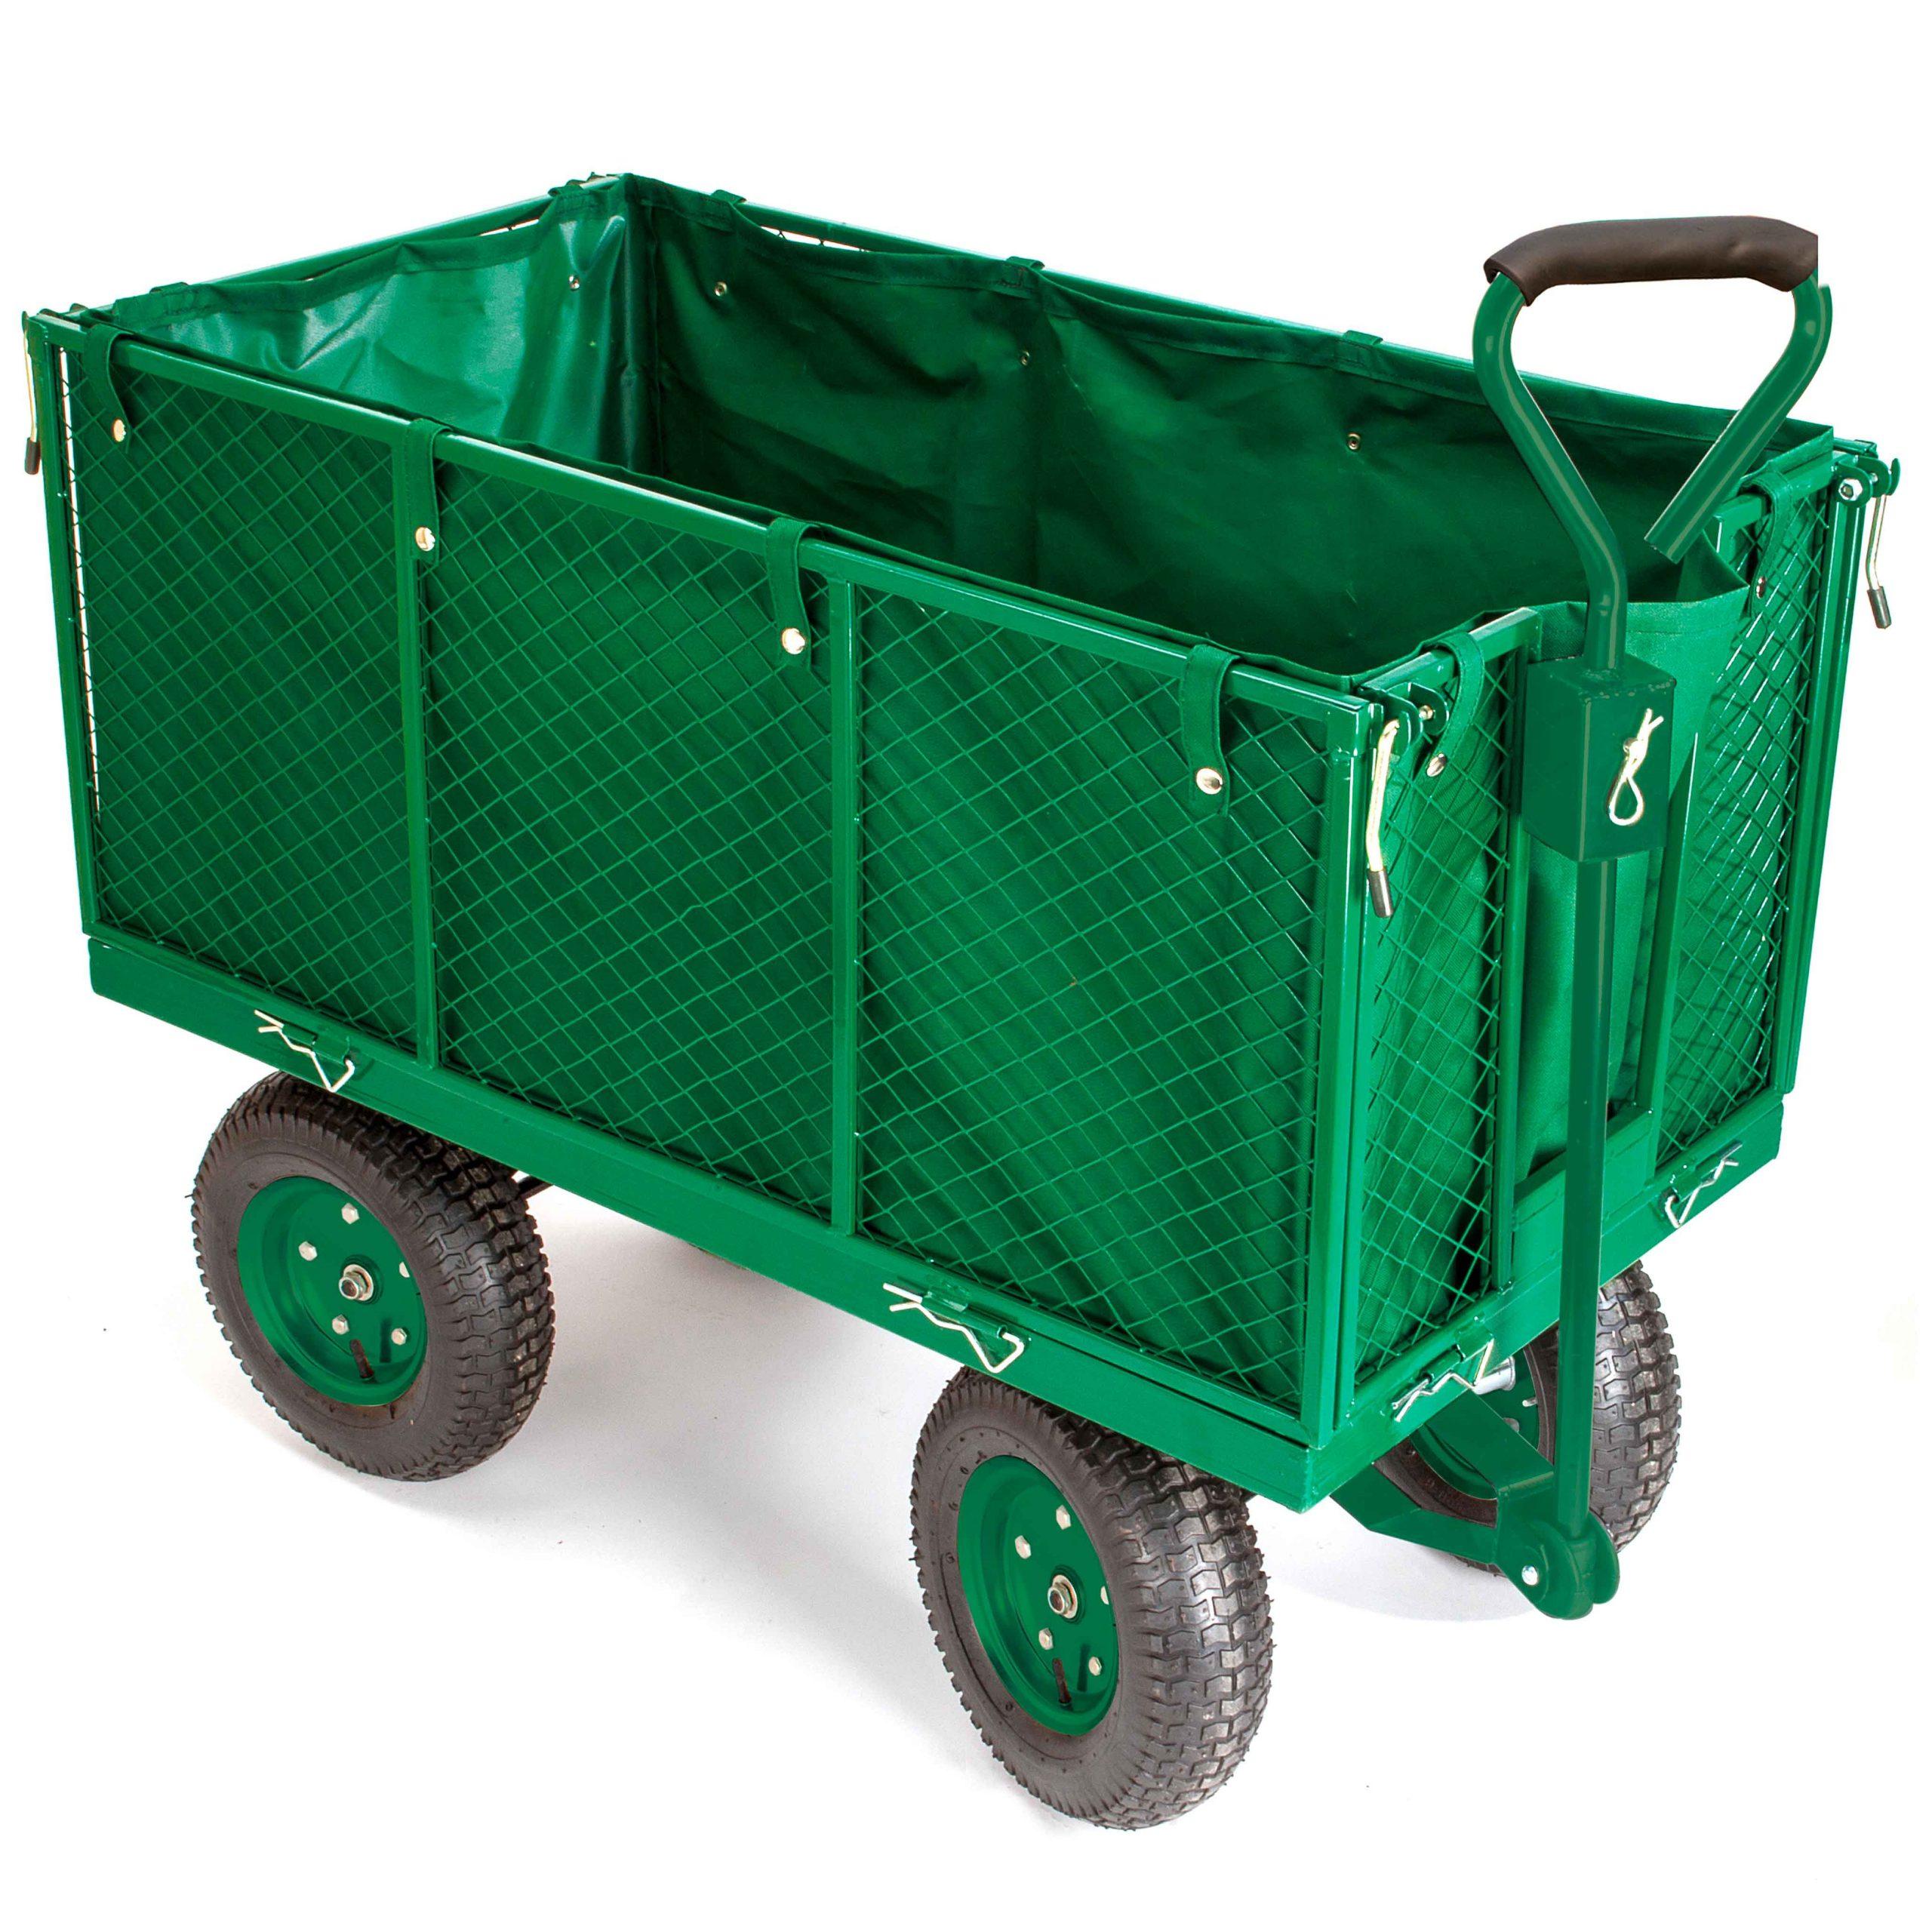 Chariot De Jardin Bâché Grillagé 4 Roues pour Chariot De Jardin 4 Roues